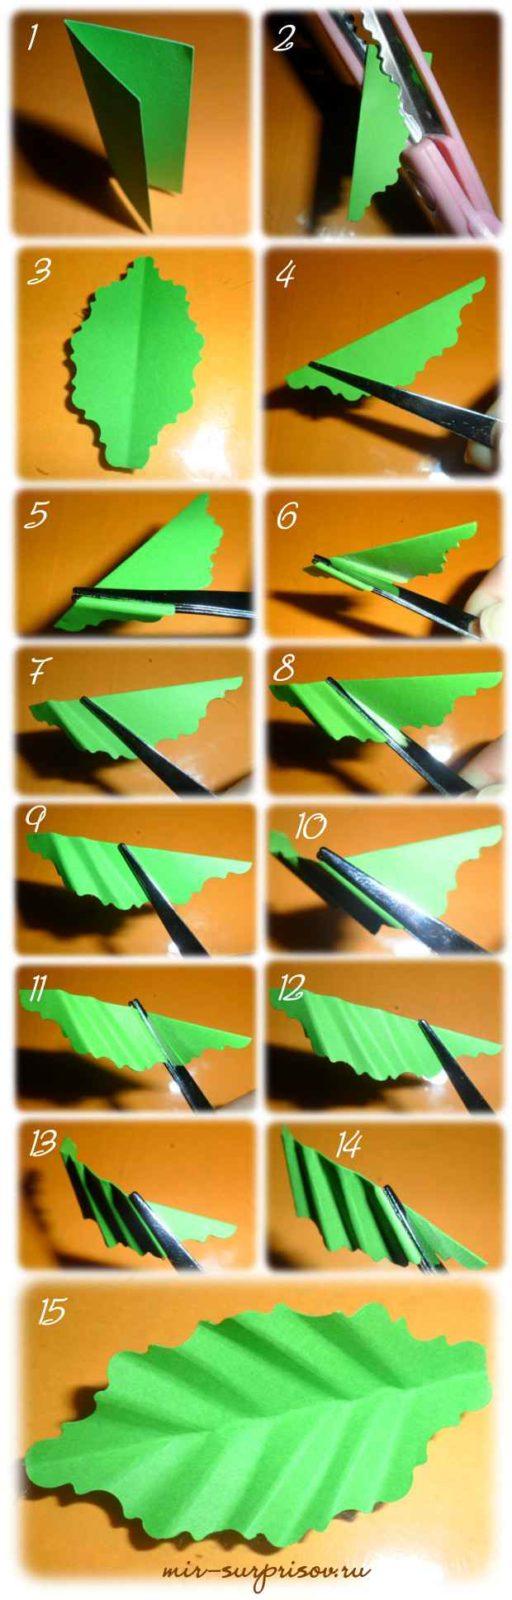 Как из листа бумаги сделать лист 959